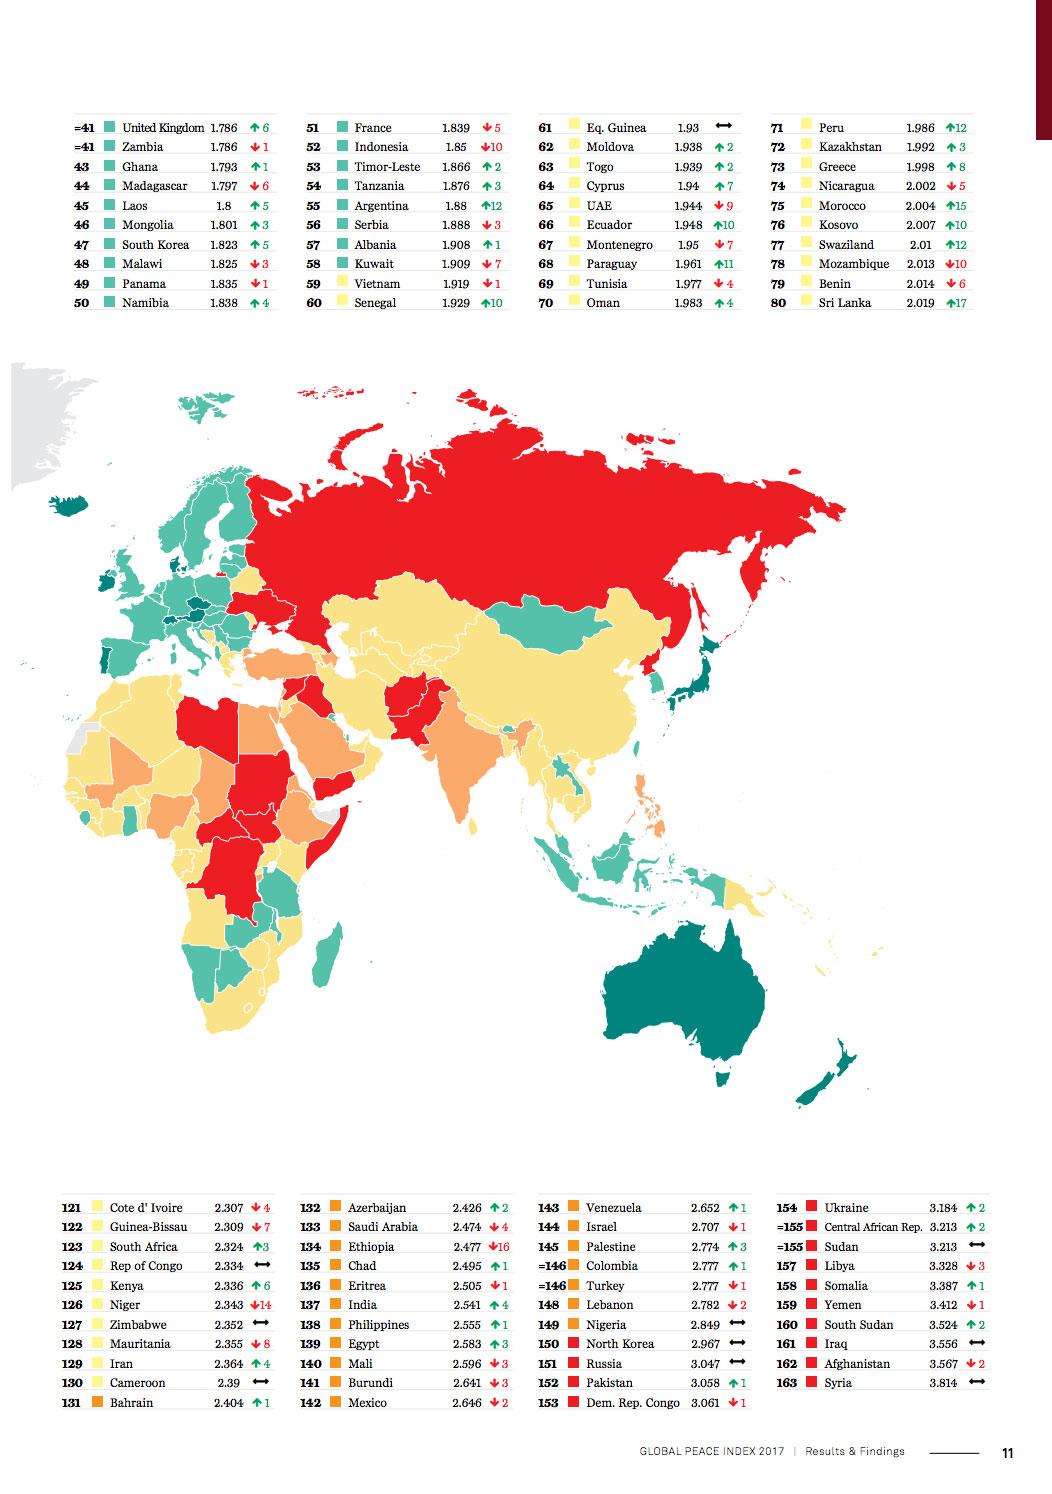 مؤشر السلام العالمي (الموقع الرسمي)